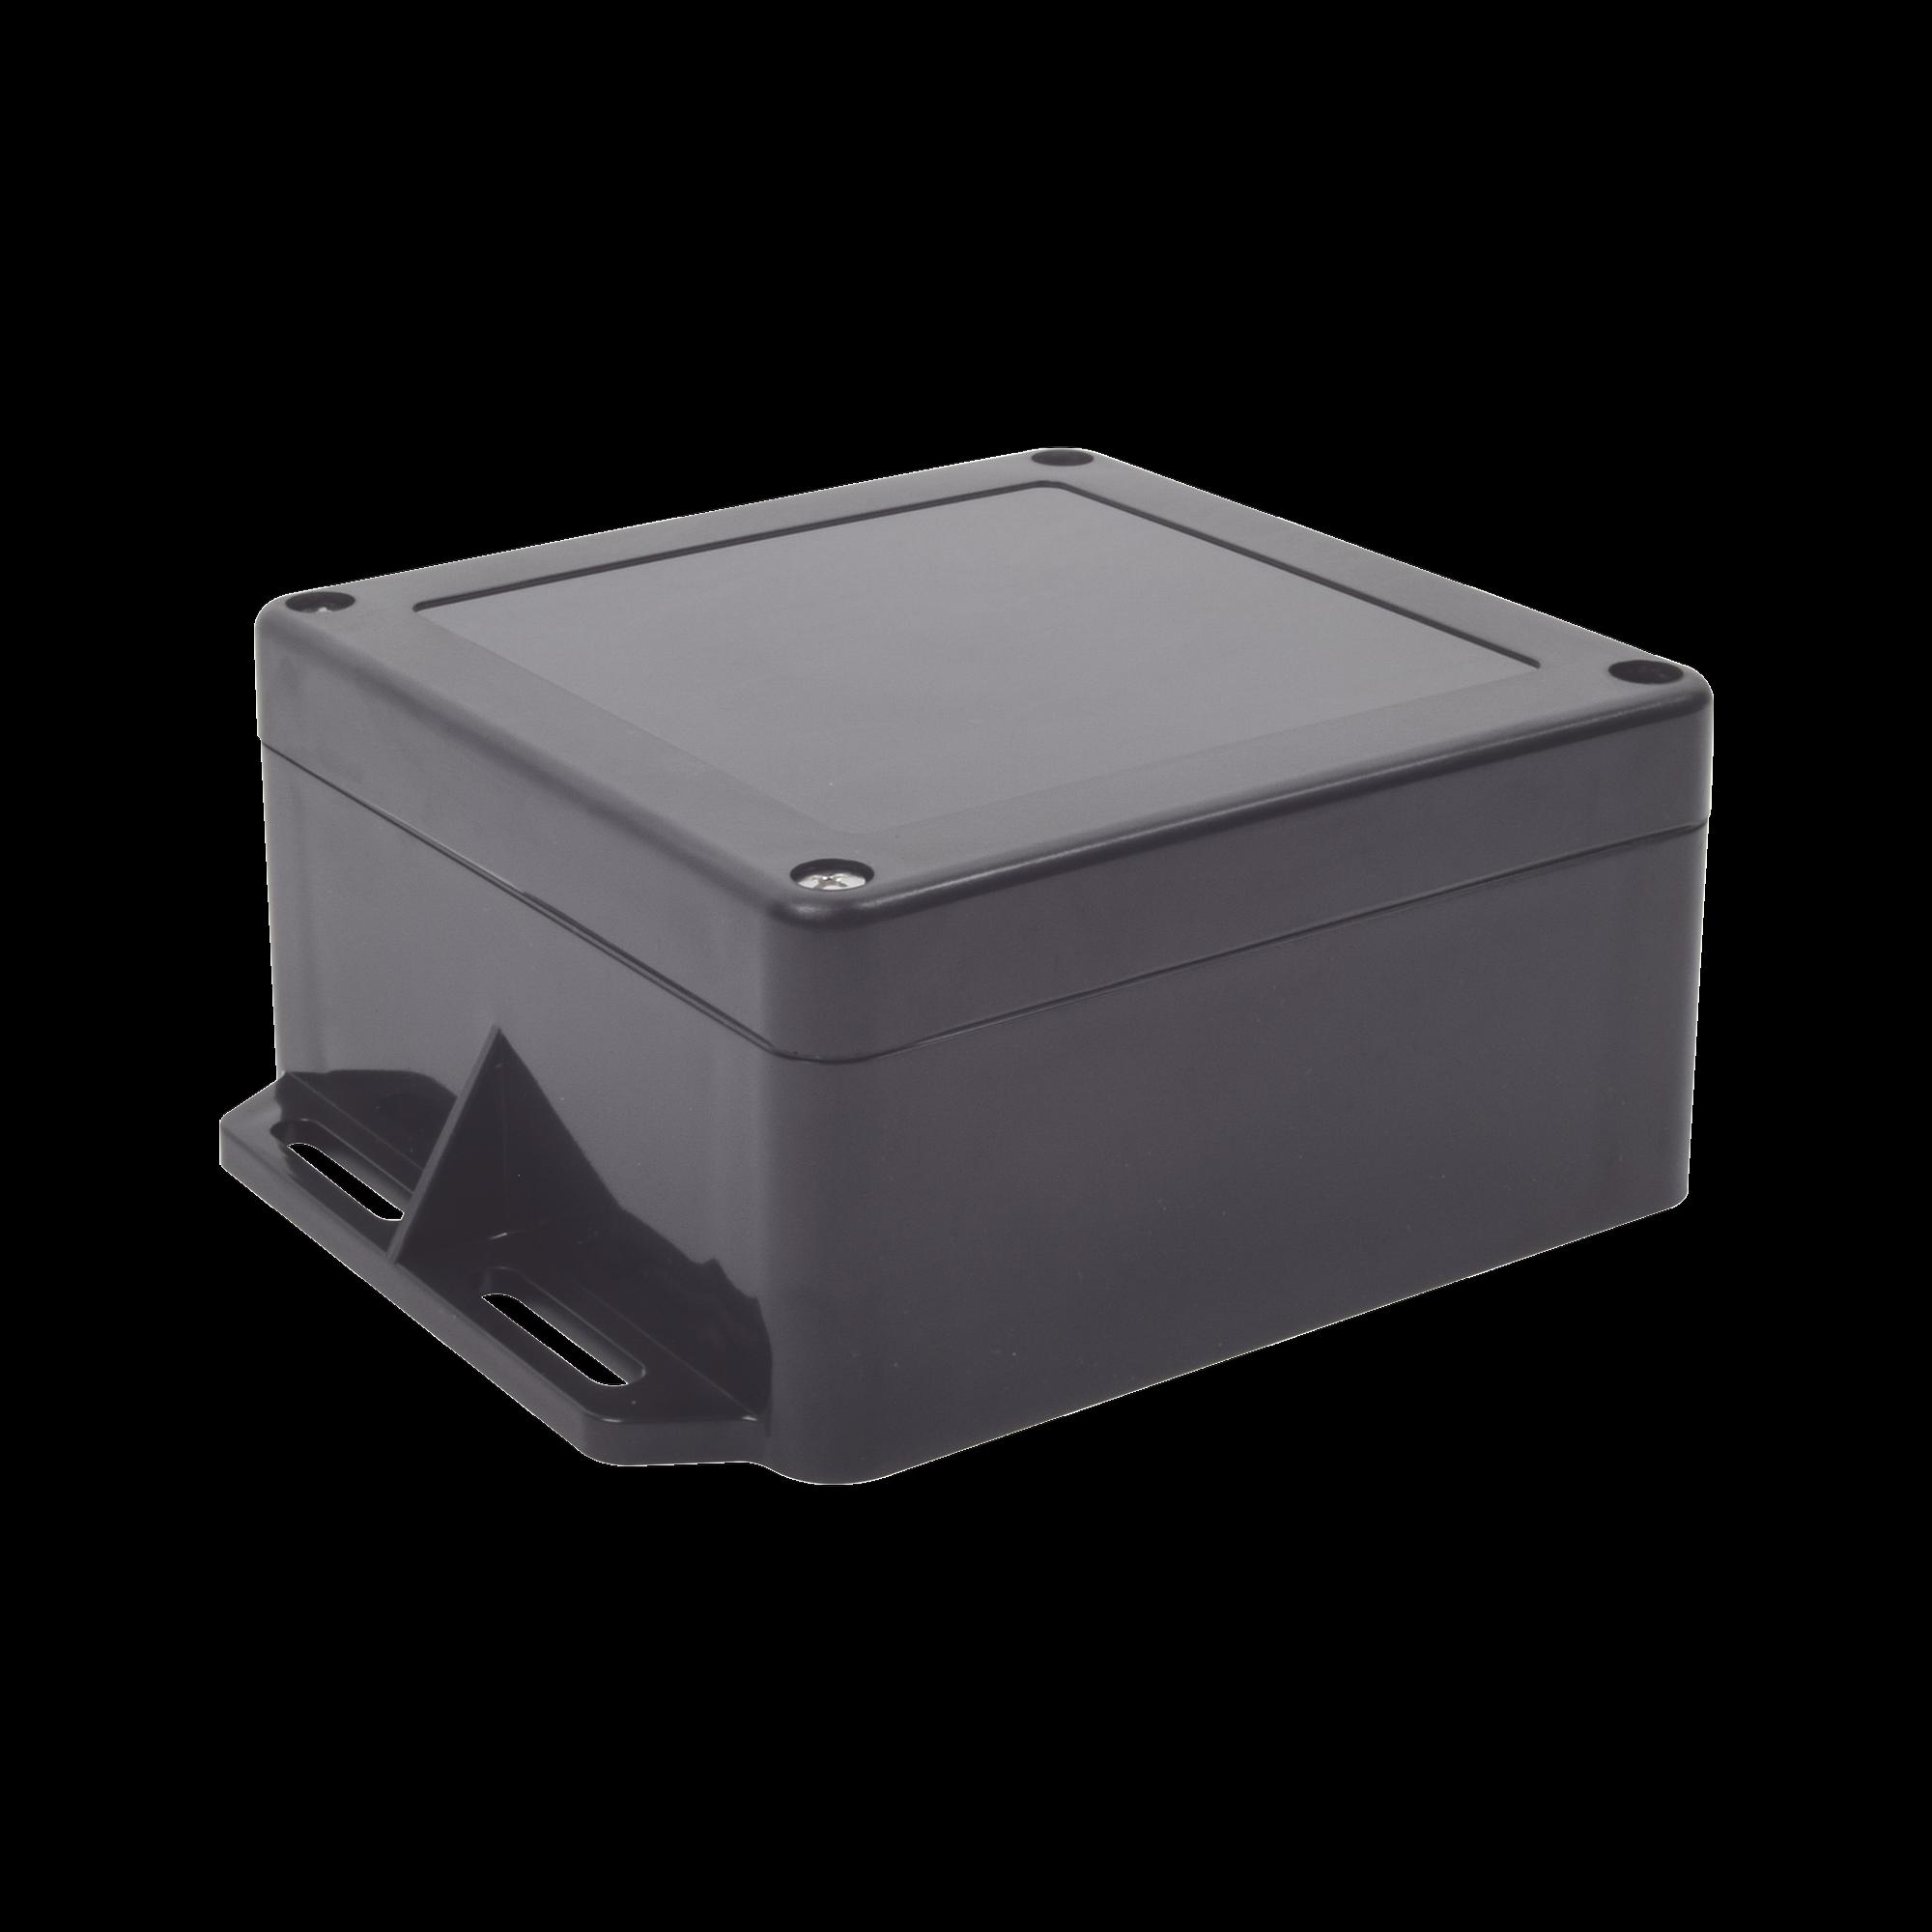 Gabinete Plástico Negro para Exterior (IP65) de 120 x 120 x 60 mm Cierre por Tornillos.